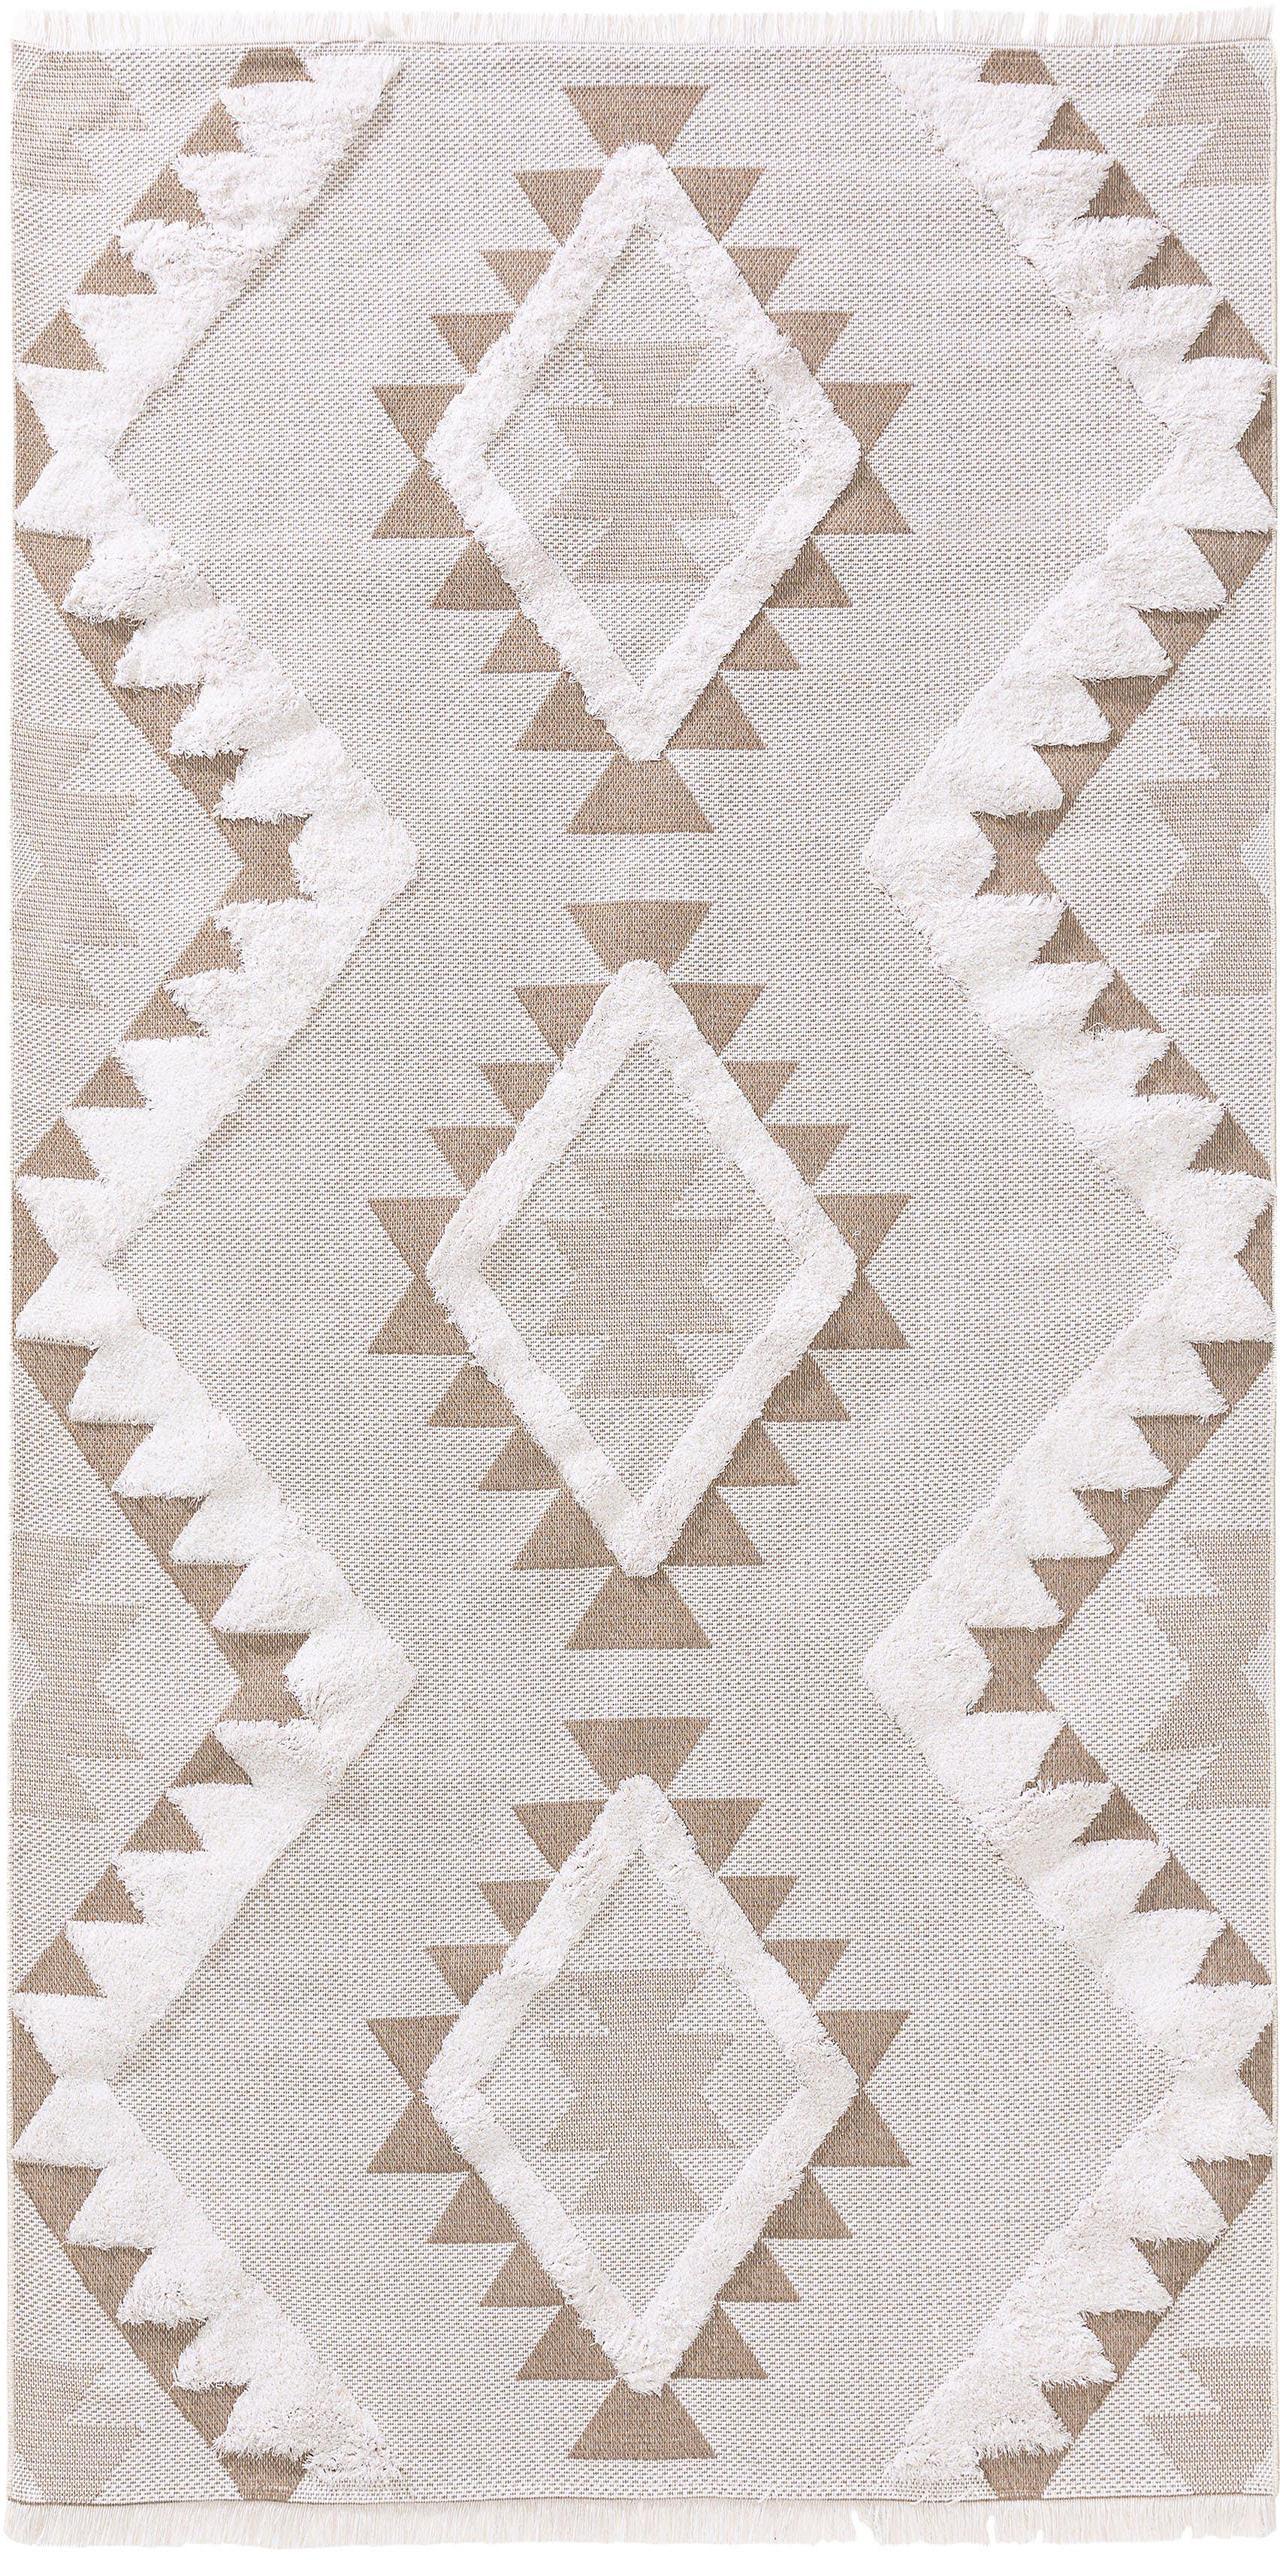 Wasbare katoenen vloerkleed Oslo Aztec met hoog-laag structuur, 100% katoen, Crèmewit, taupe, B 75 x L 150 cm (maat XS)